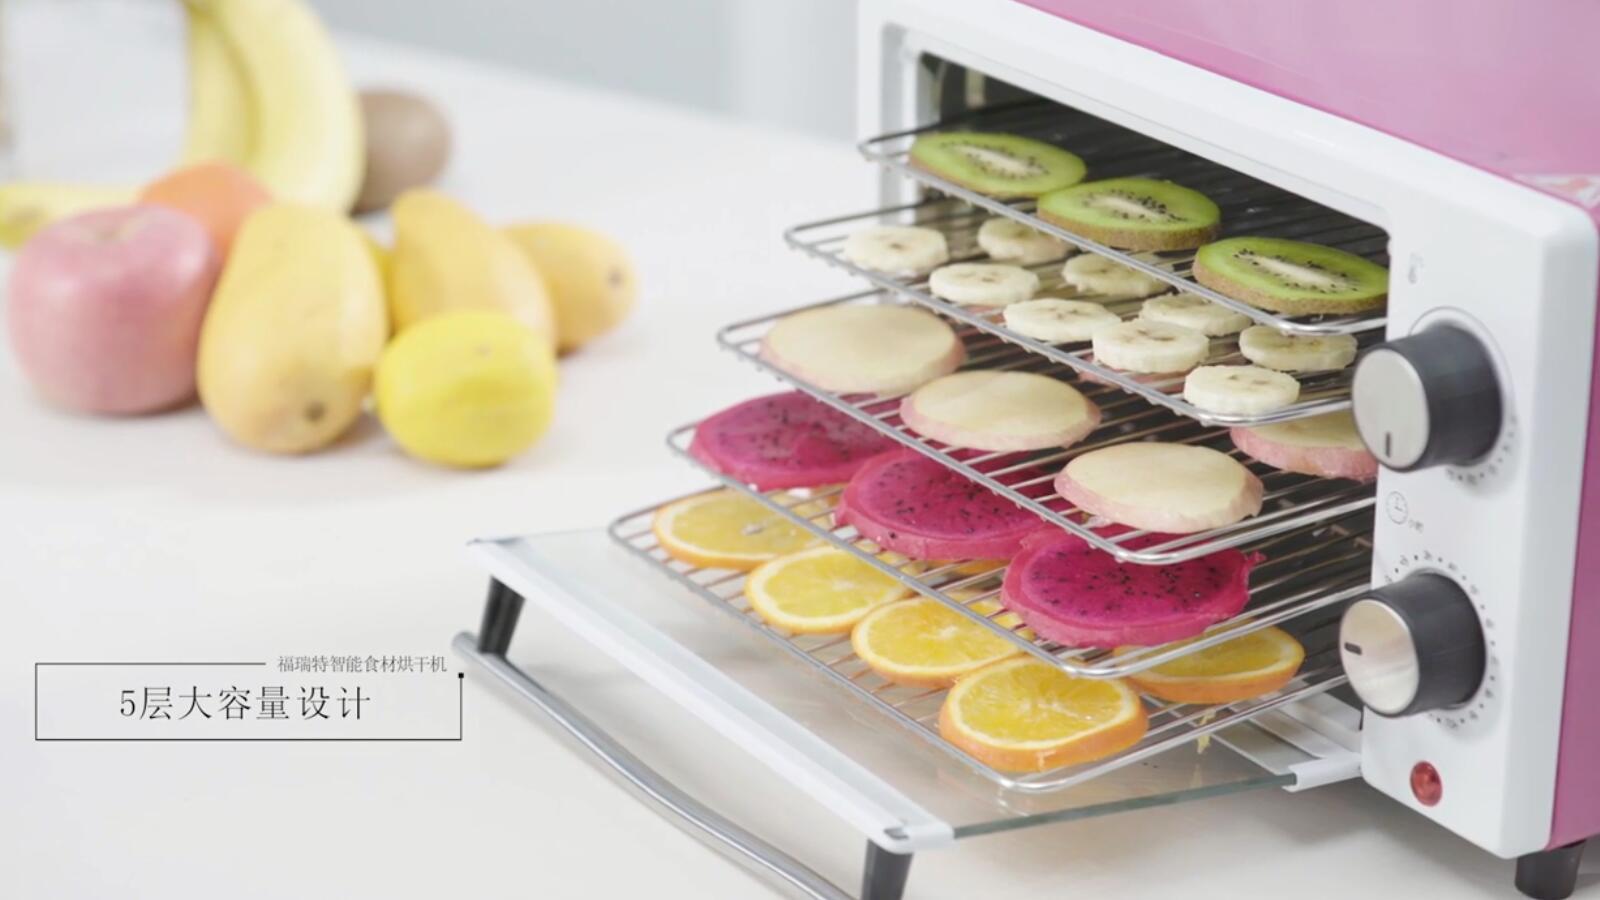 食材烘干機產品展示視頻